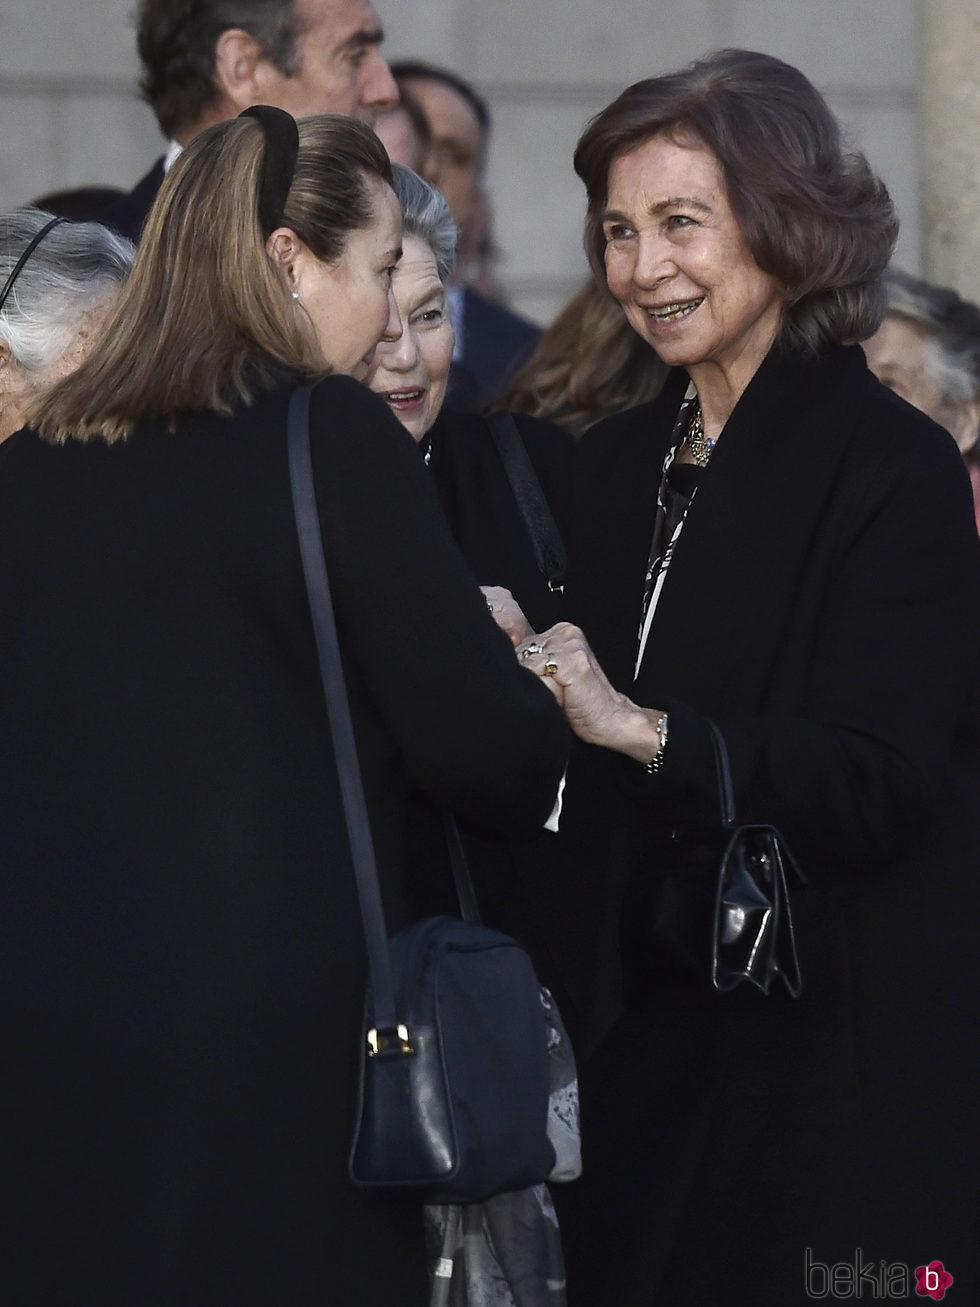 La Reina Sofía y Cristina de Borbón-Dos Sicilias en la capilla ardiente de Alicia de Borbón-Parma